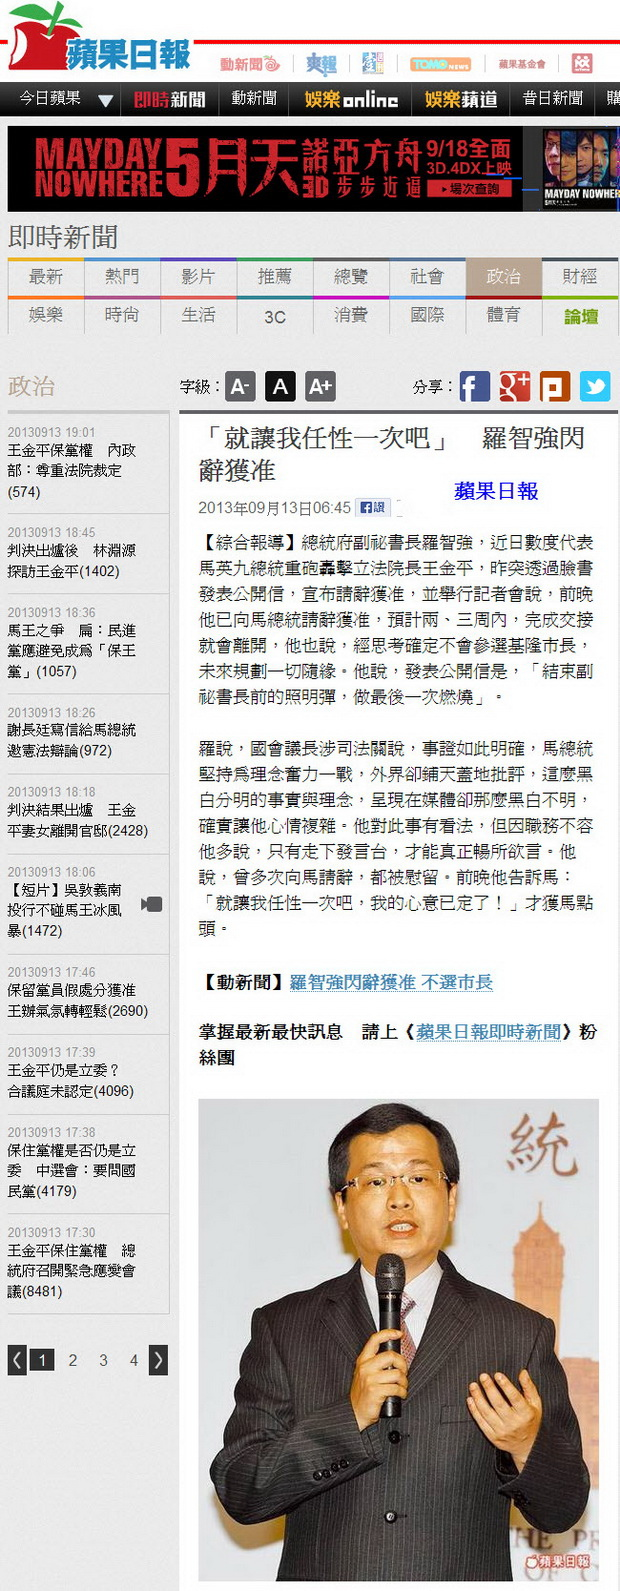 「就讓我任性一次吧」 羅智強閃辭獲准-2013.09.13-01 .jpg